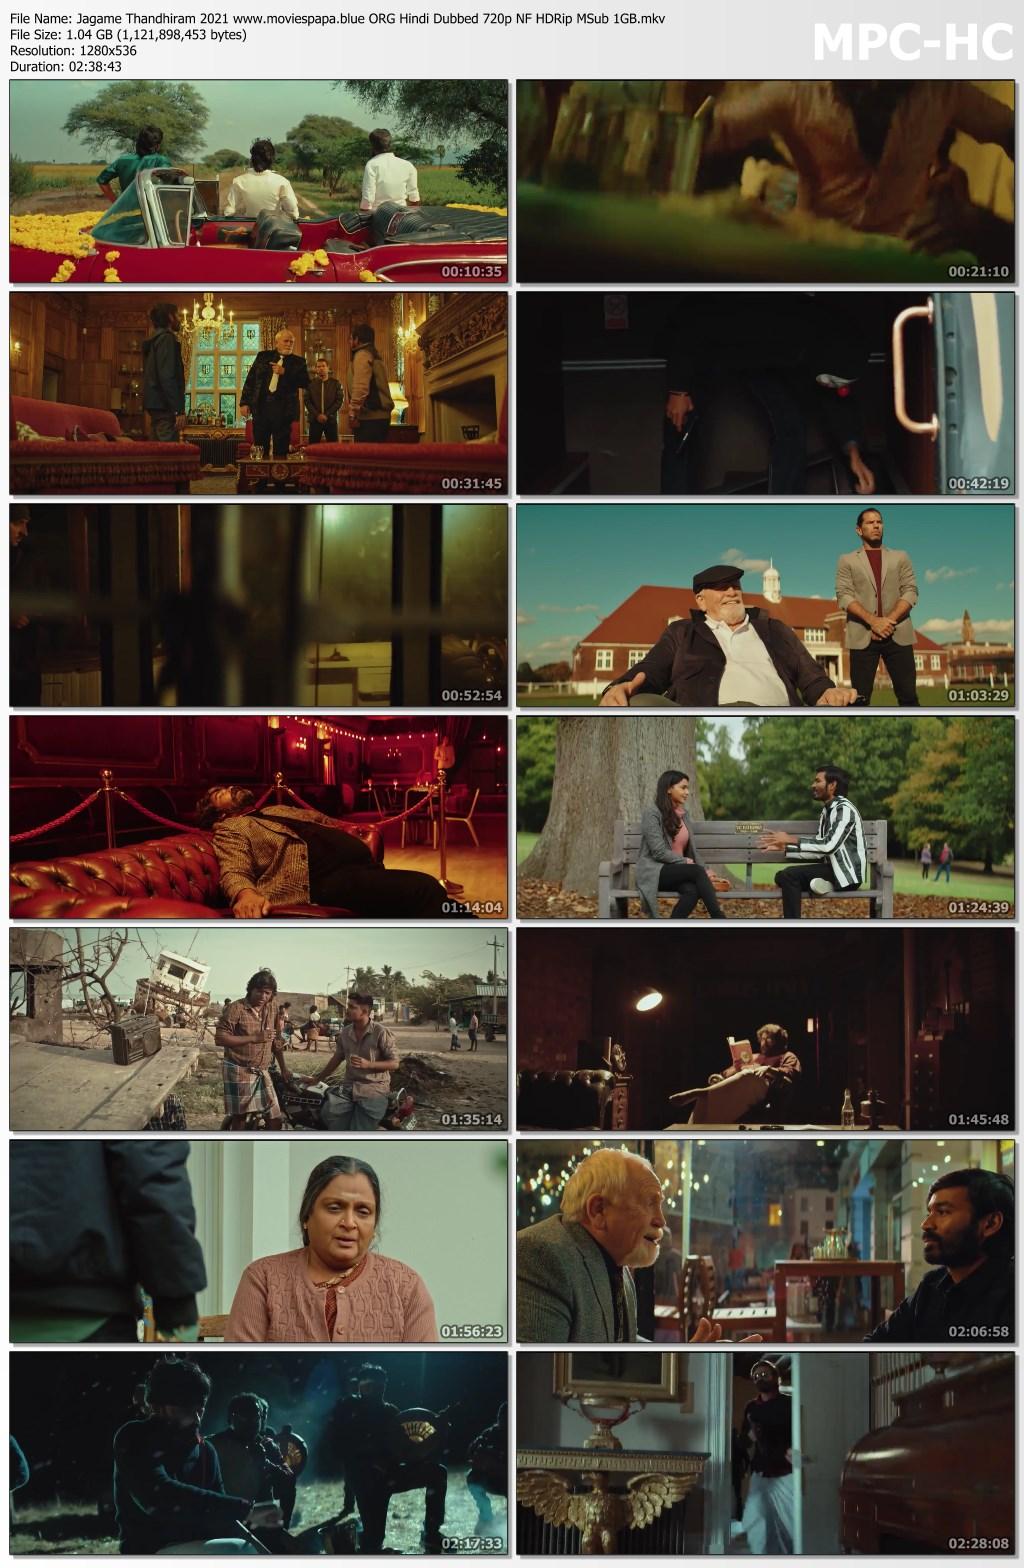 Jagame Thandhiram 2021 screenshot HDMoviesFair